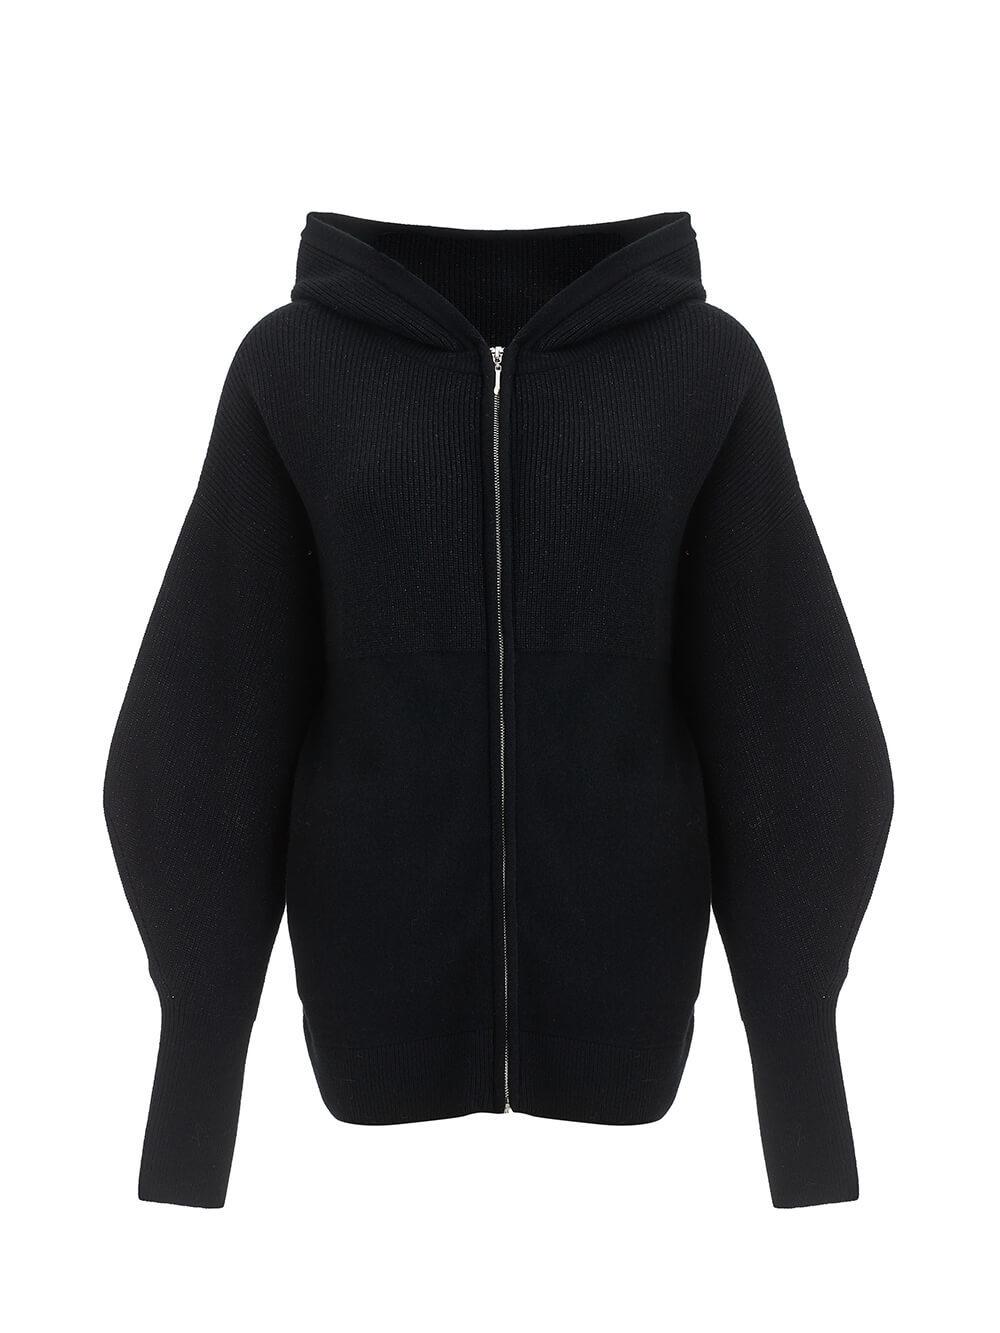 Женский джемпер на молнии черного цвета из шерсти и кашемира - фото 1